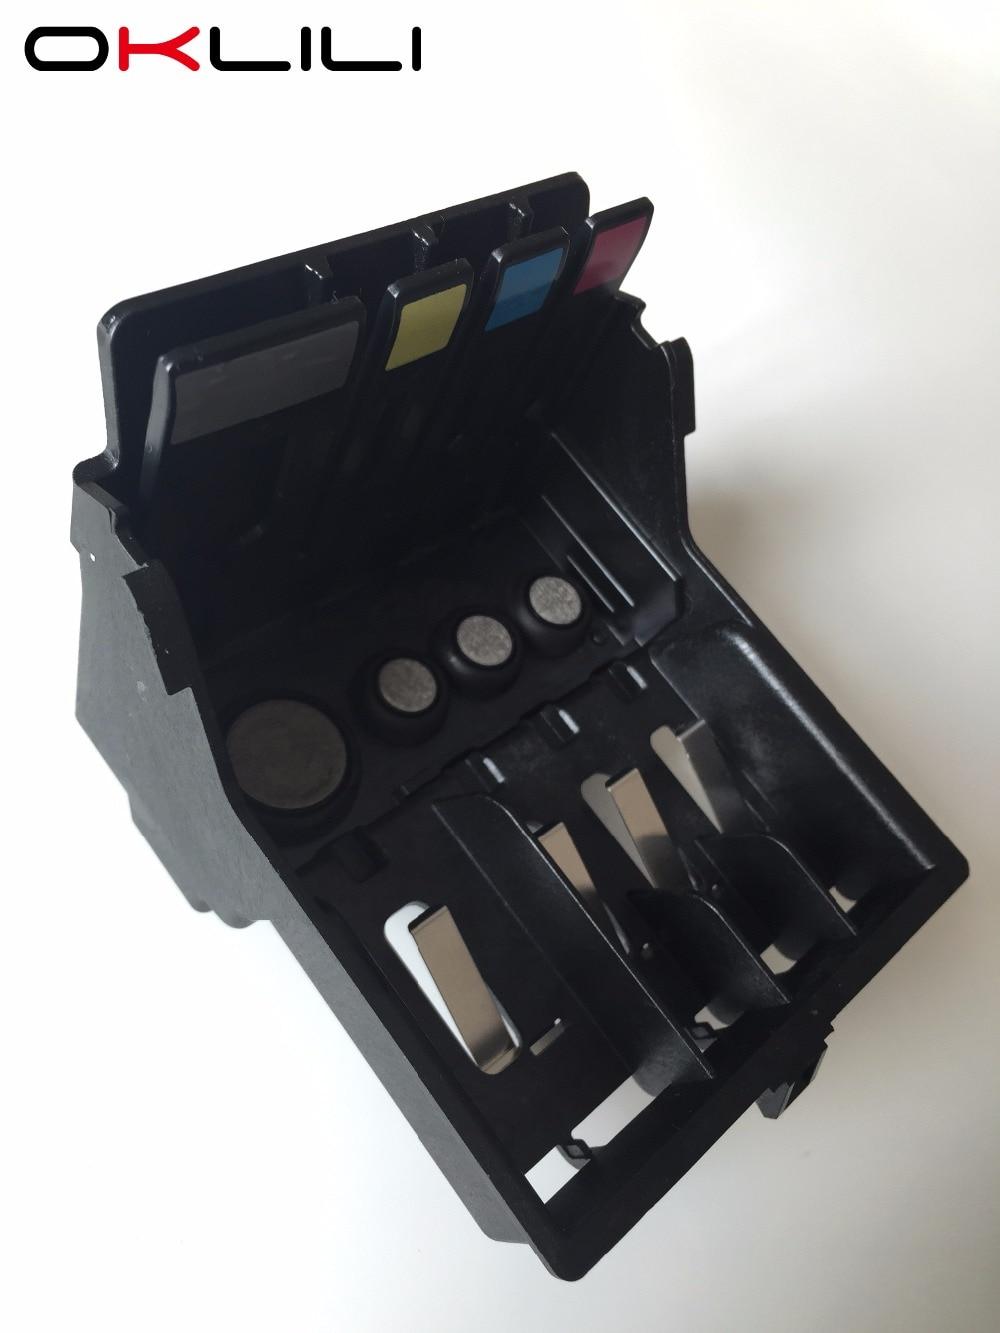 14N1339 14N0700 Drejtues printimi për Lexmark 100 108 150 155 S301 S305 S315 S308 S405 S415 S408 S409 S505 S515 S508 S605 S608 S815 S816